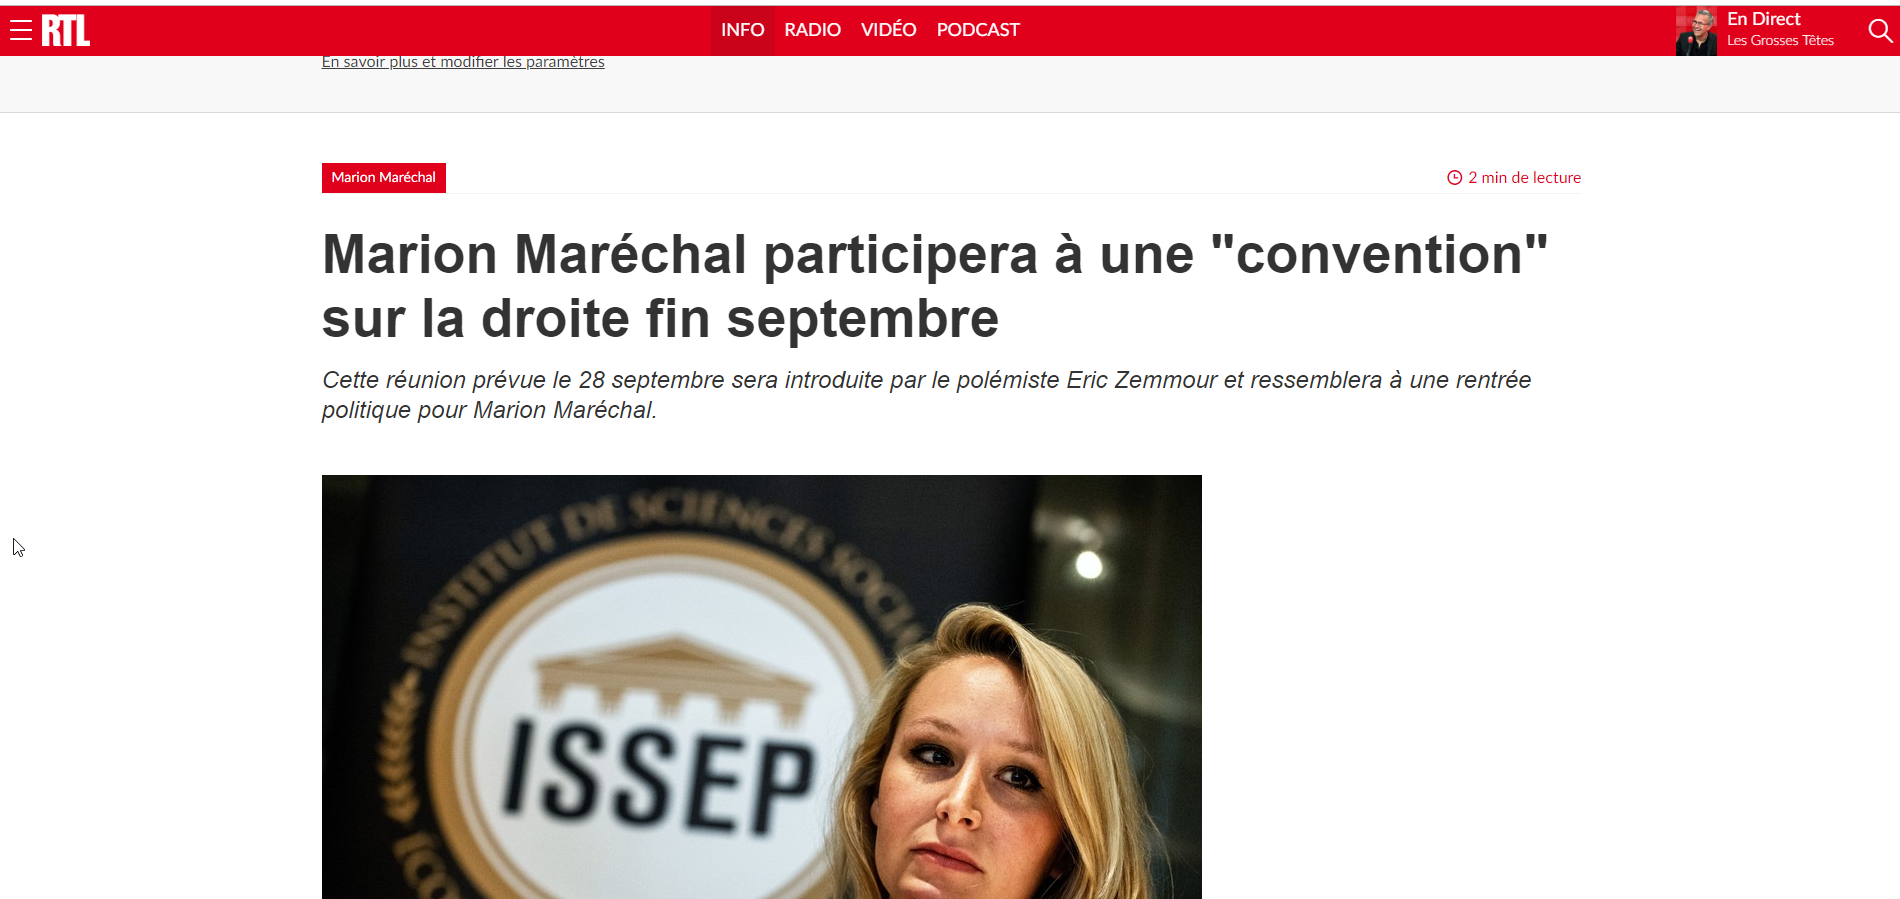 2019-09-04 17_49_06-Marion Maréchal participera à une _convention_ sur la droite fin septembre